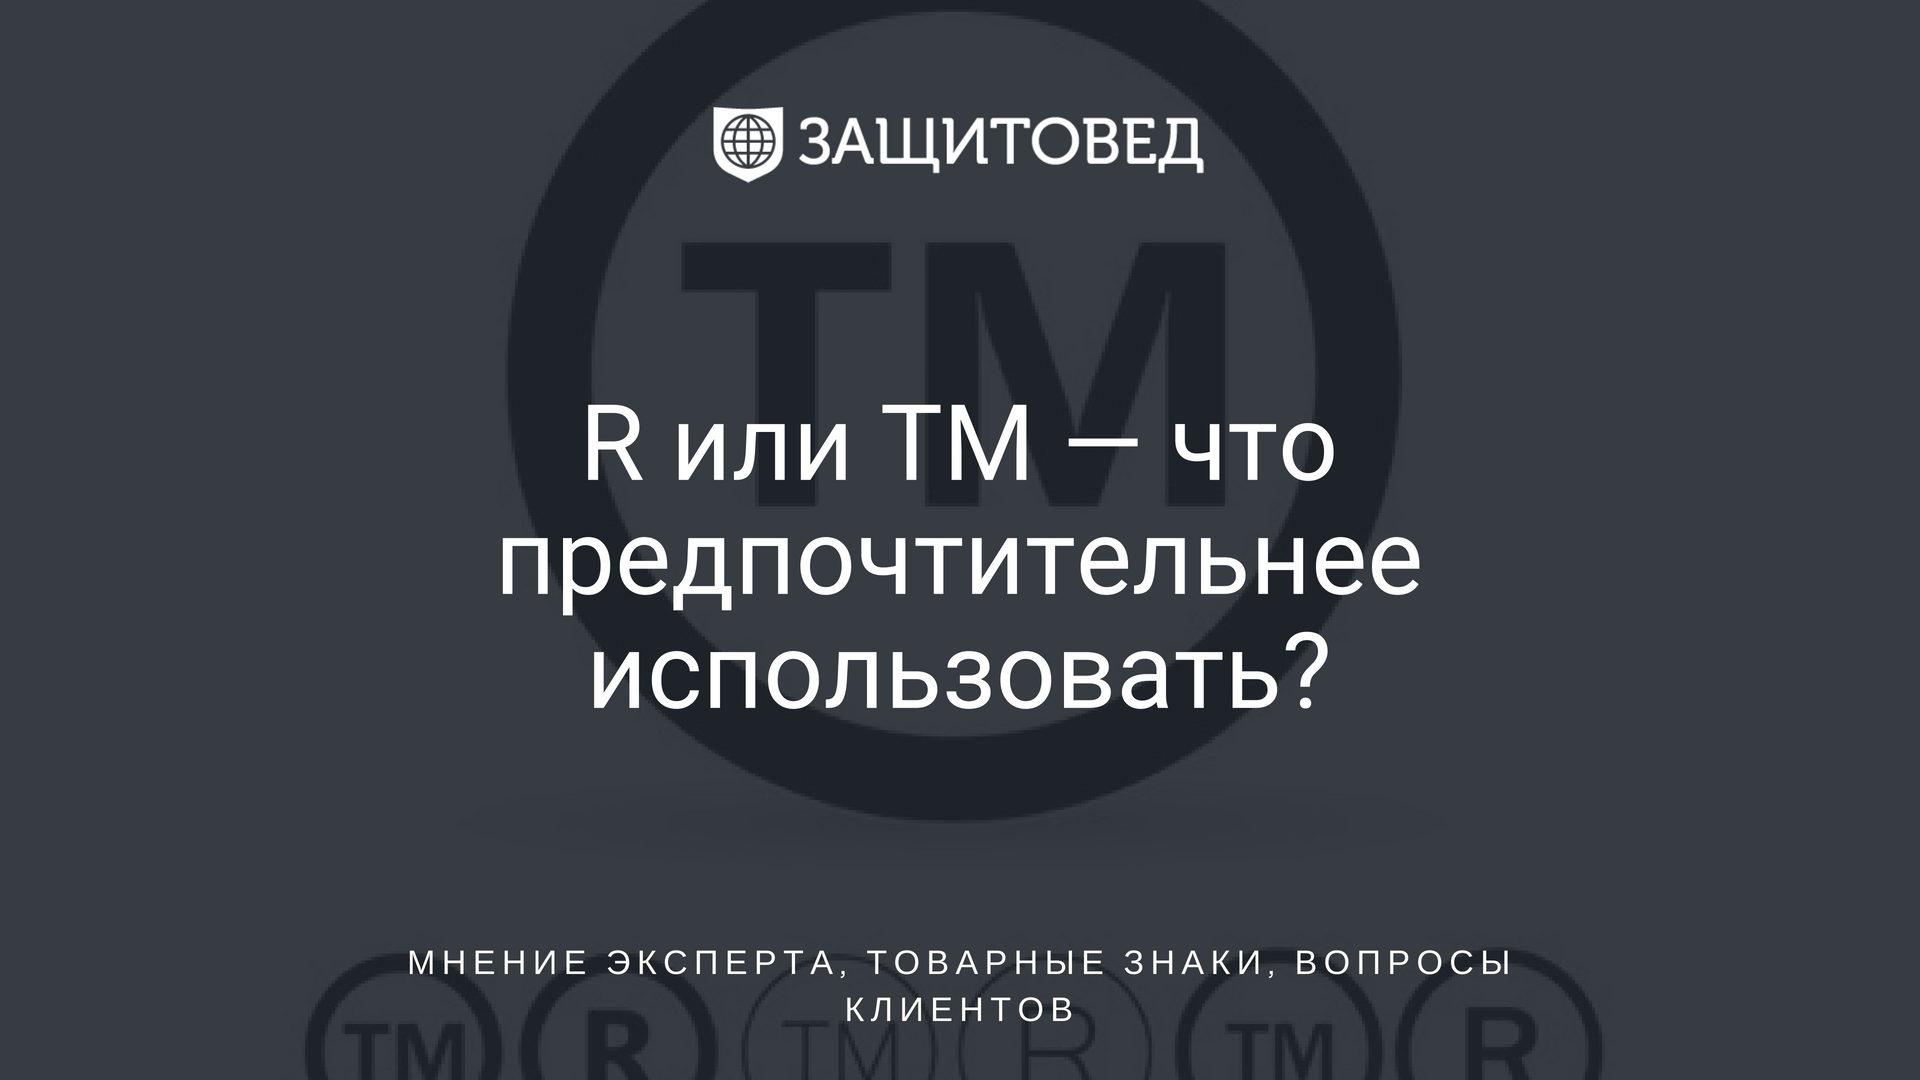 R или TM что использовать?